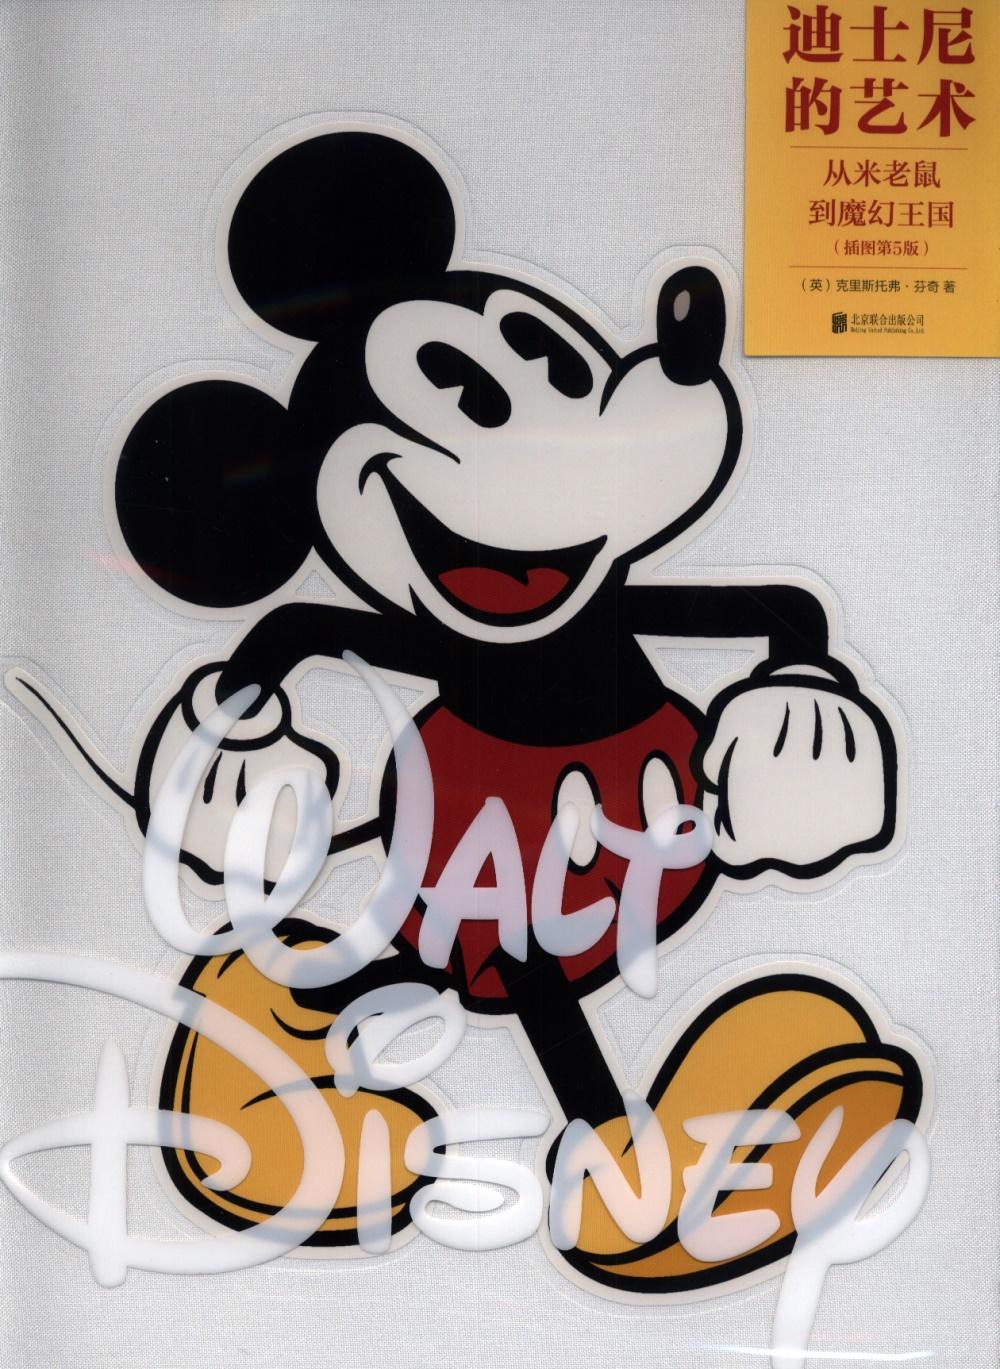 迪士尼的藝術:從米老鼠到魔幻王國(插圖第5版)